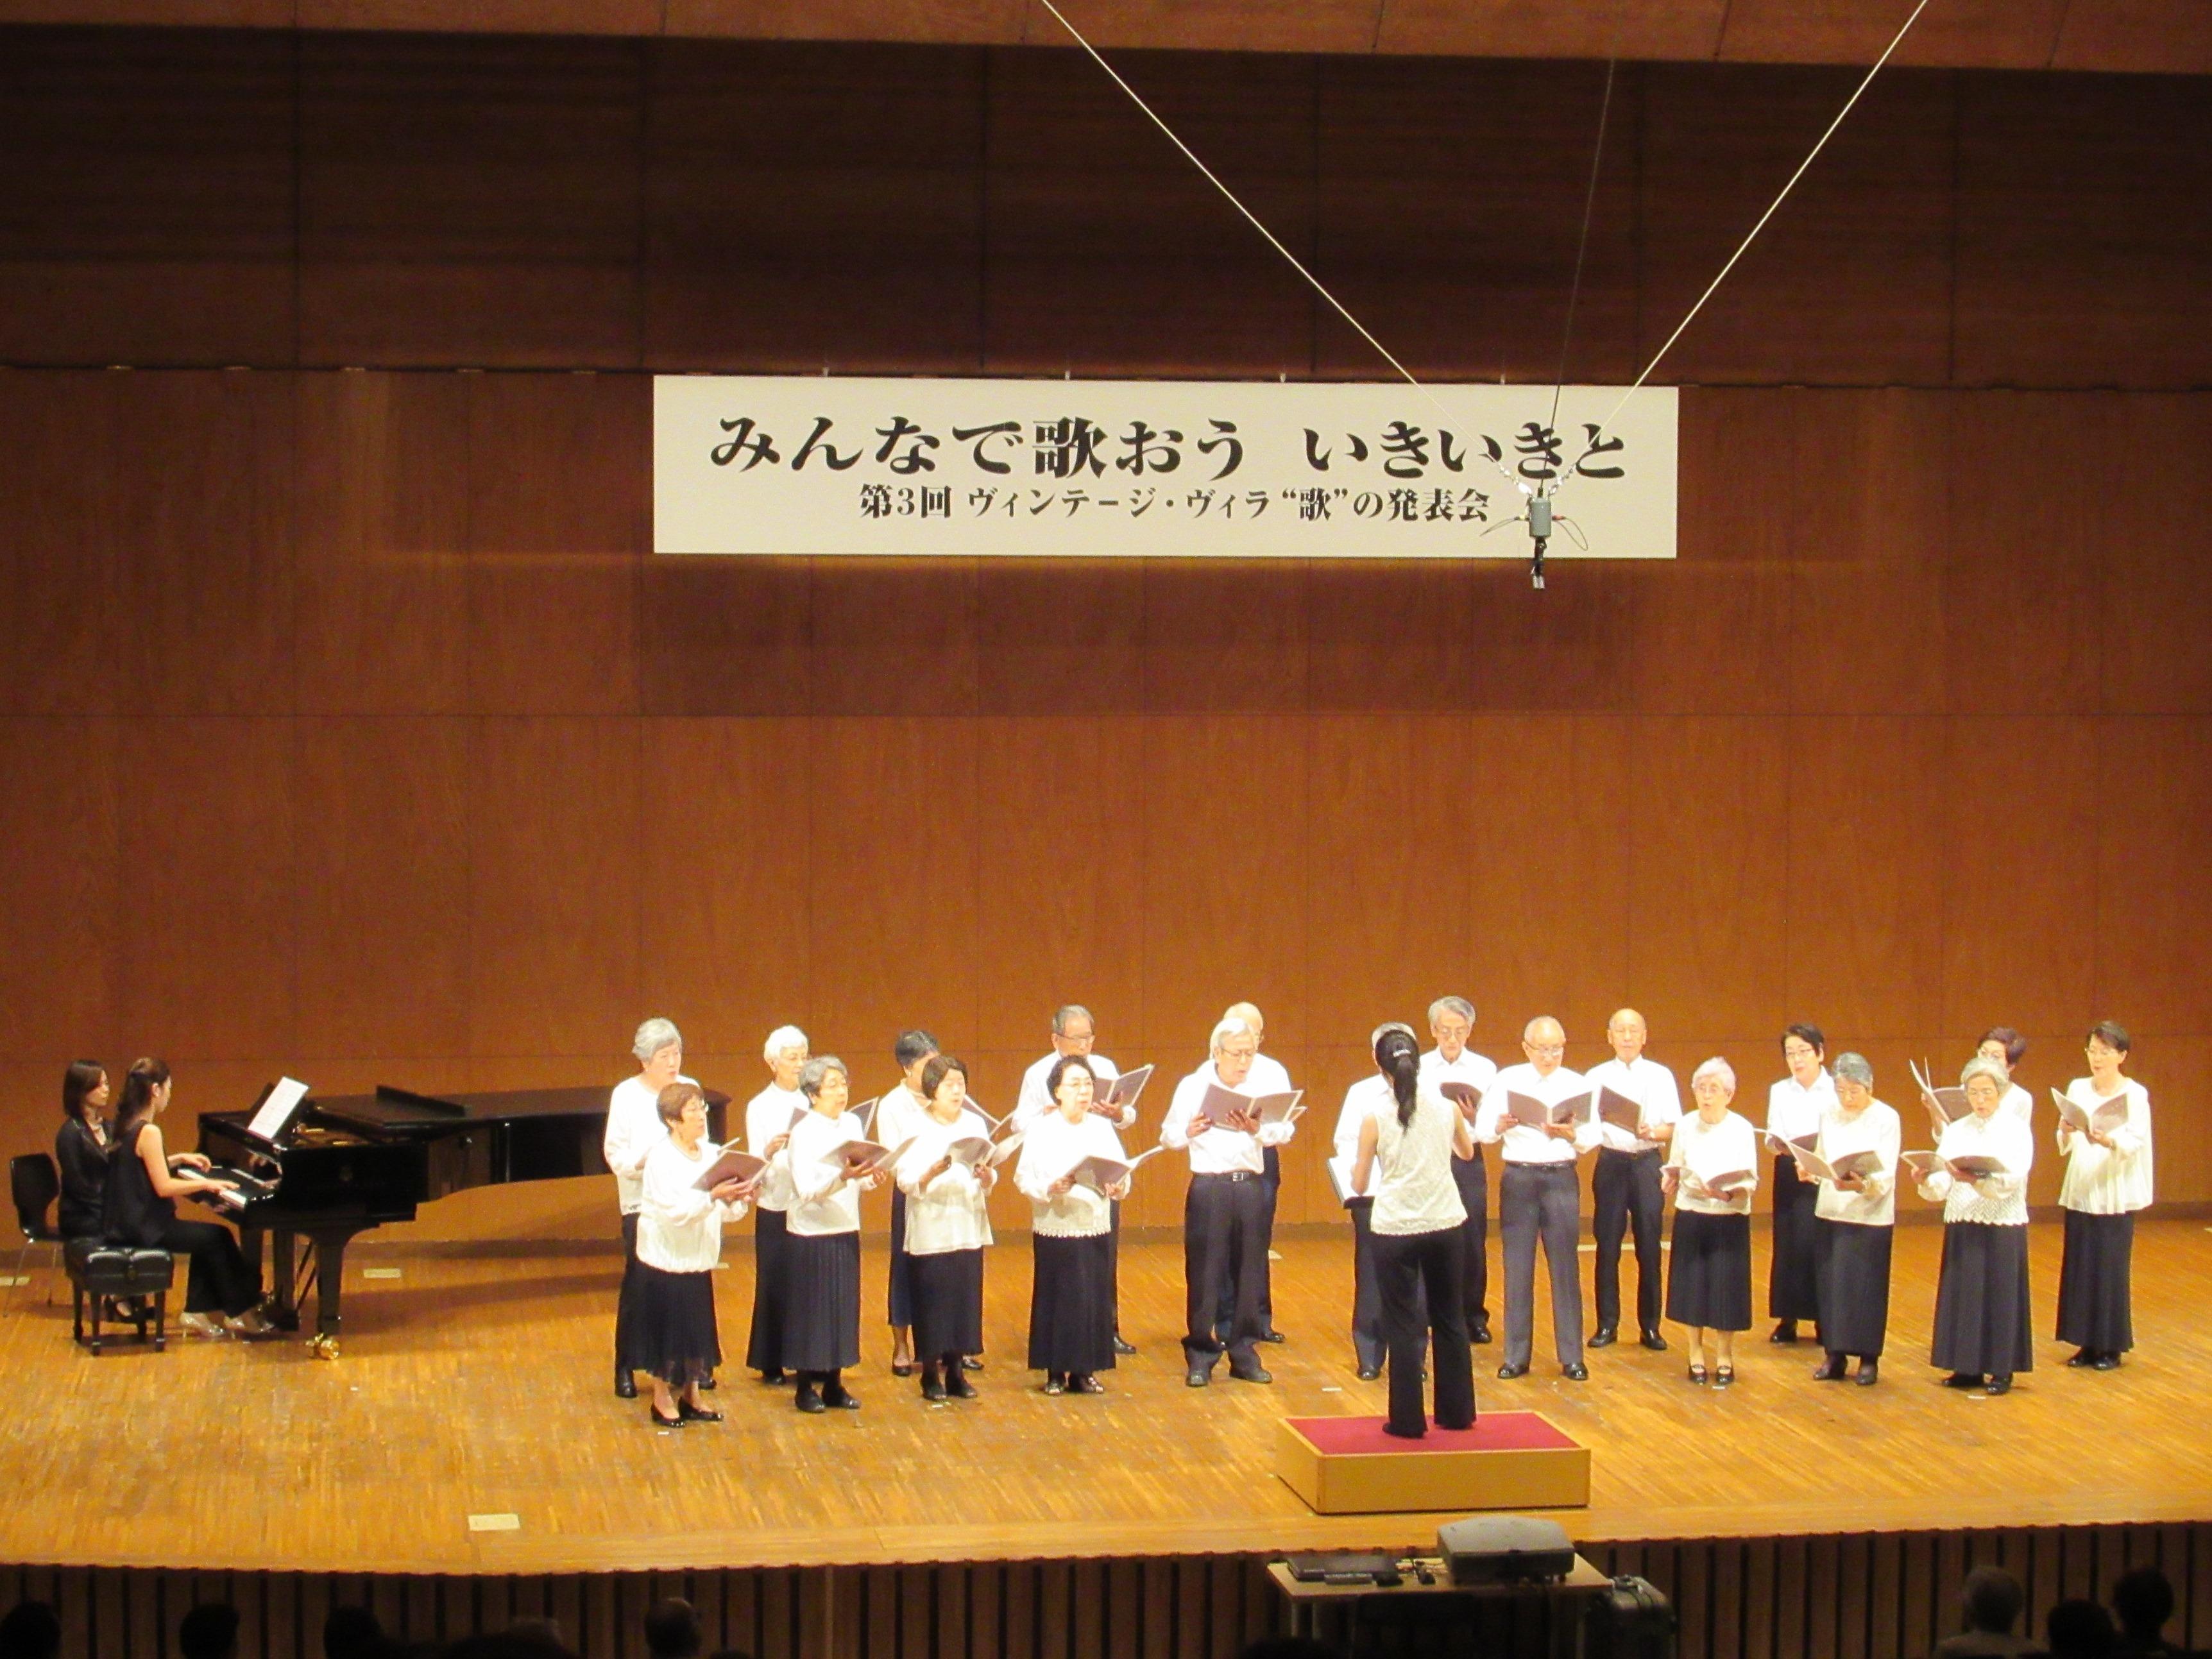 20170910_vvyokohama_chorus.JPG